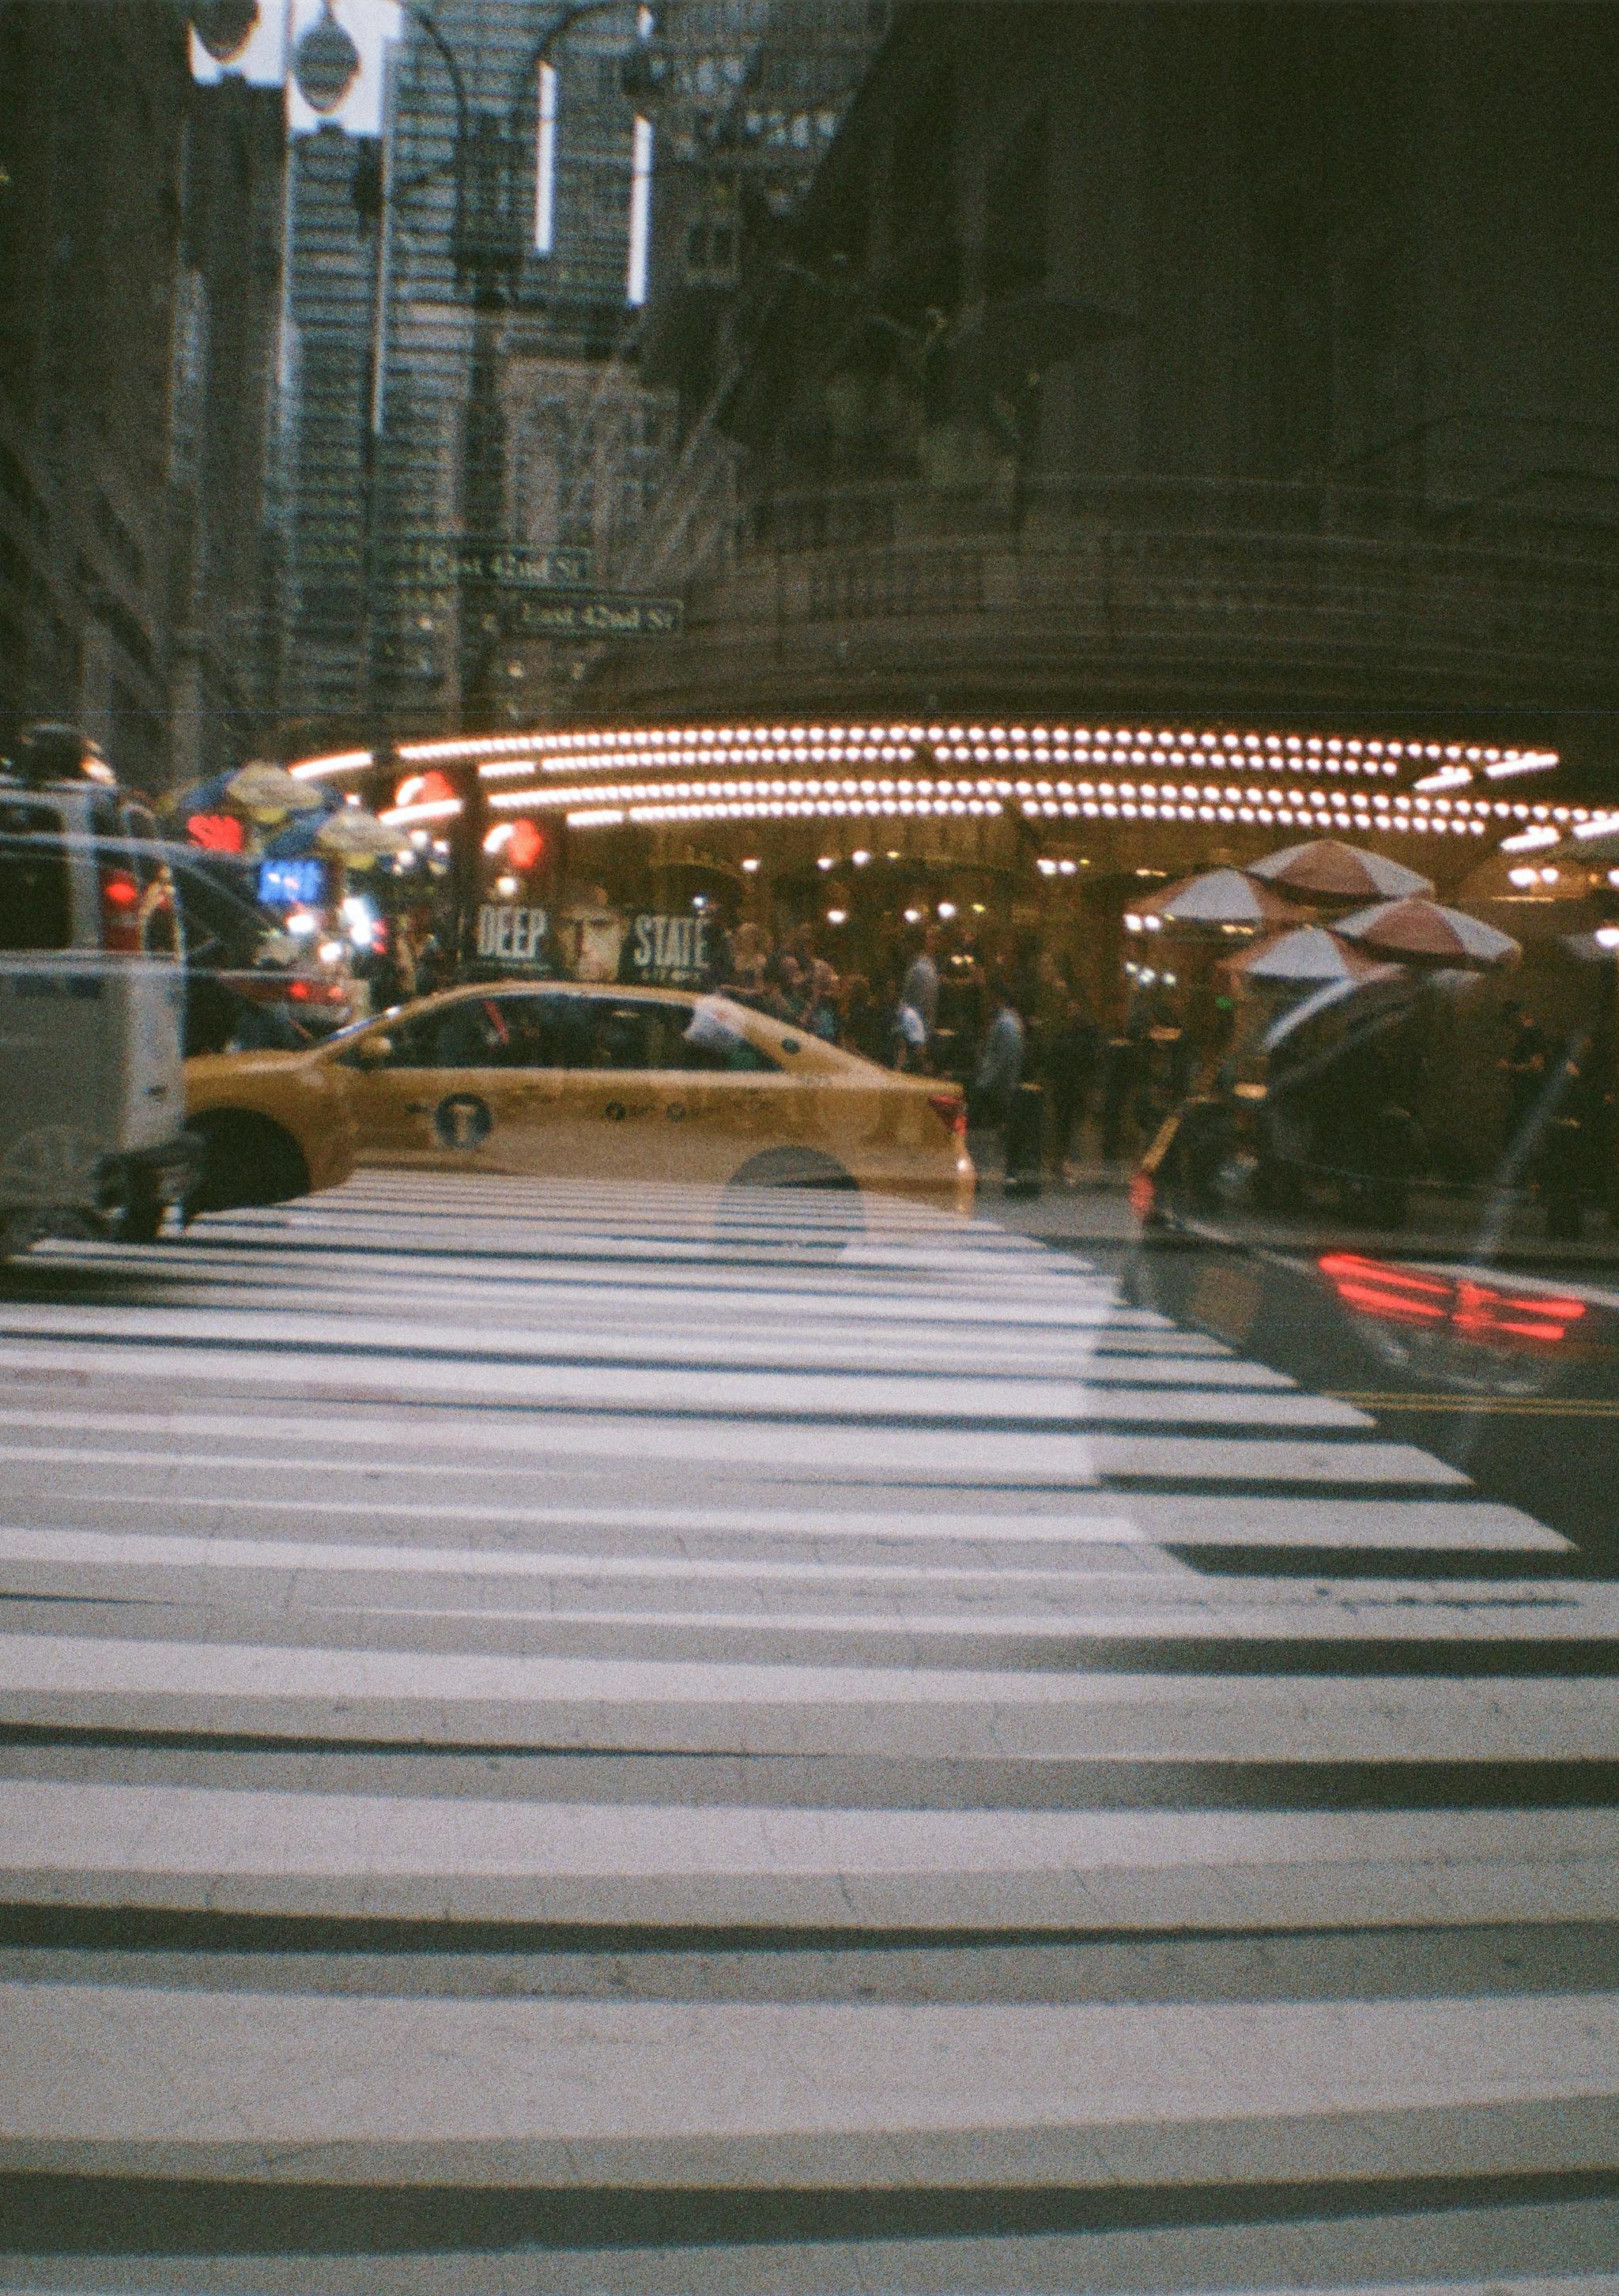 Grand Central - 35mm - Diana Mini - Fujifilm Superia 400 - double exposure